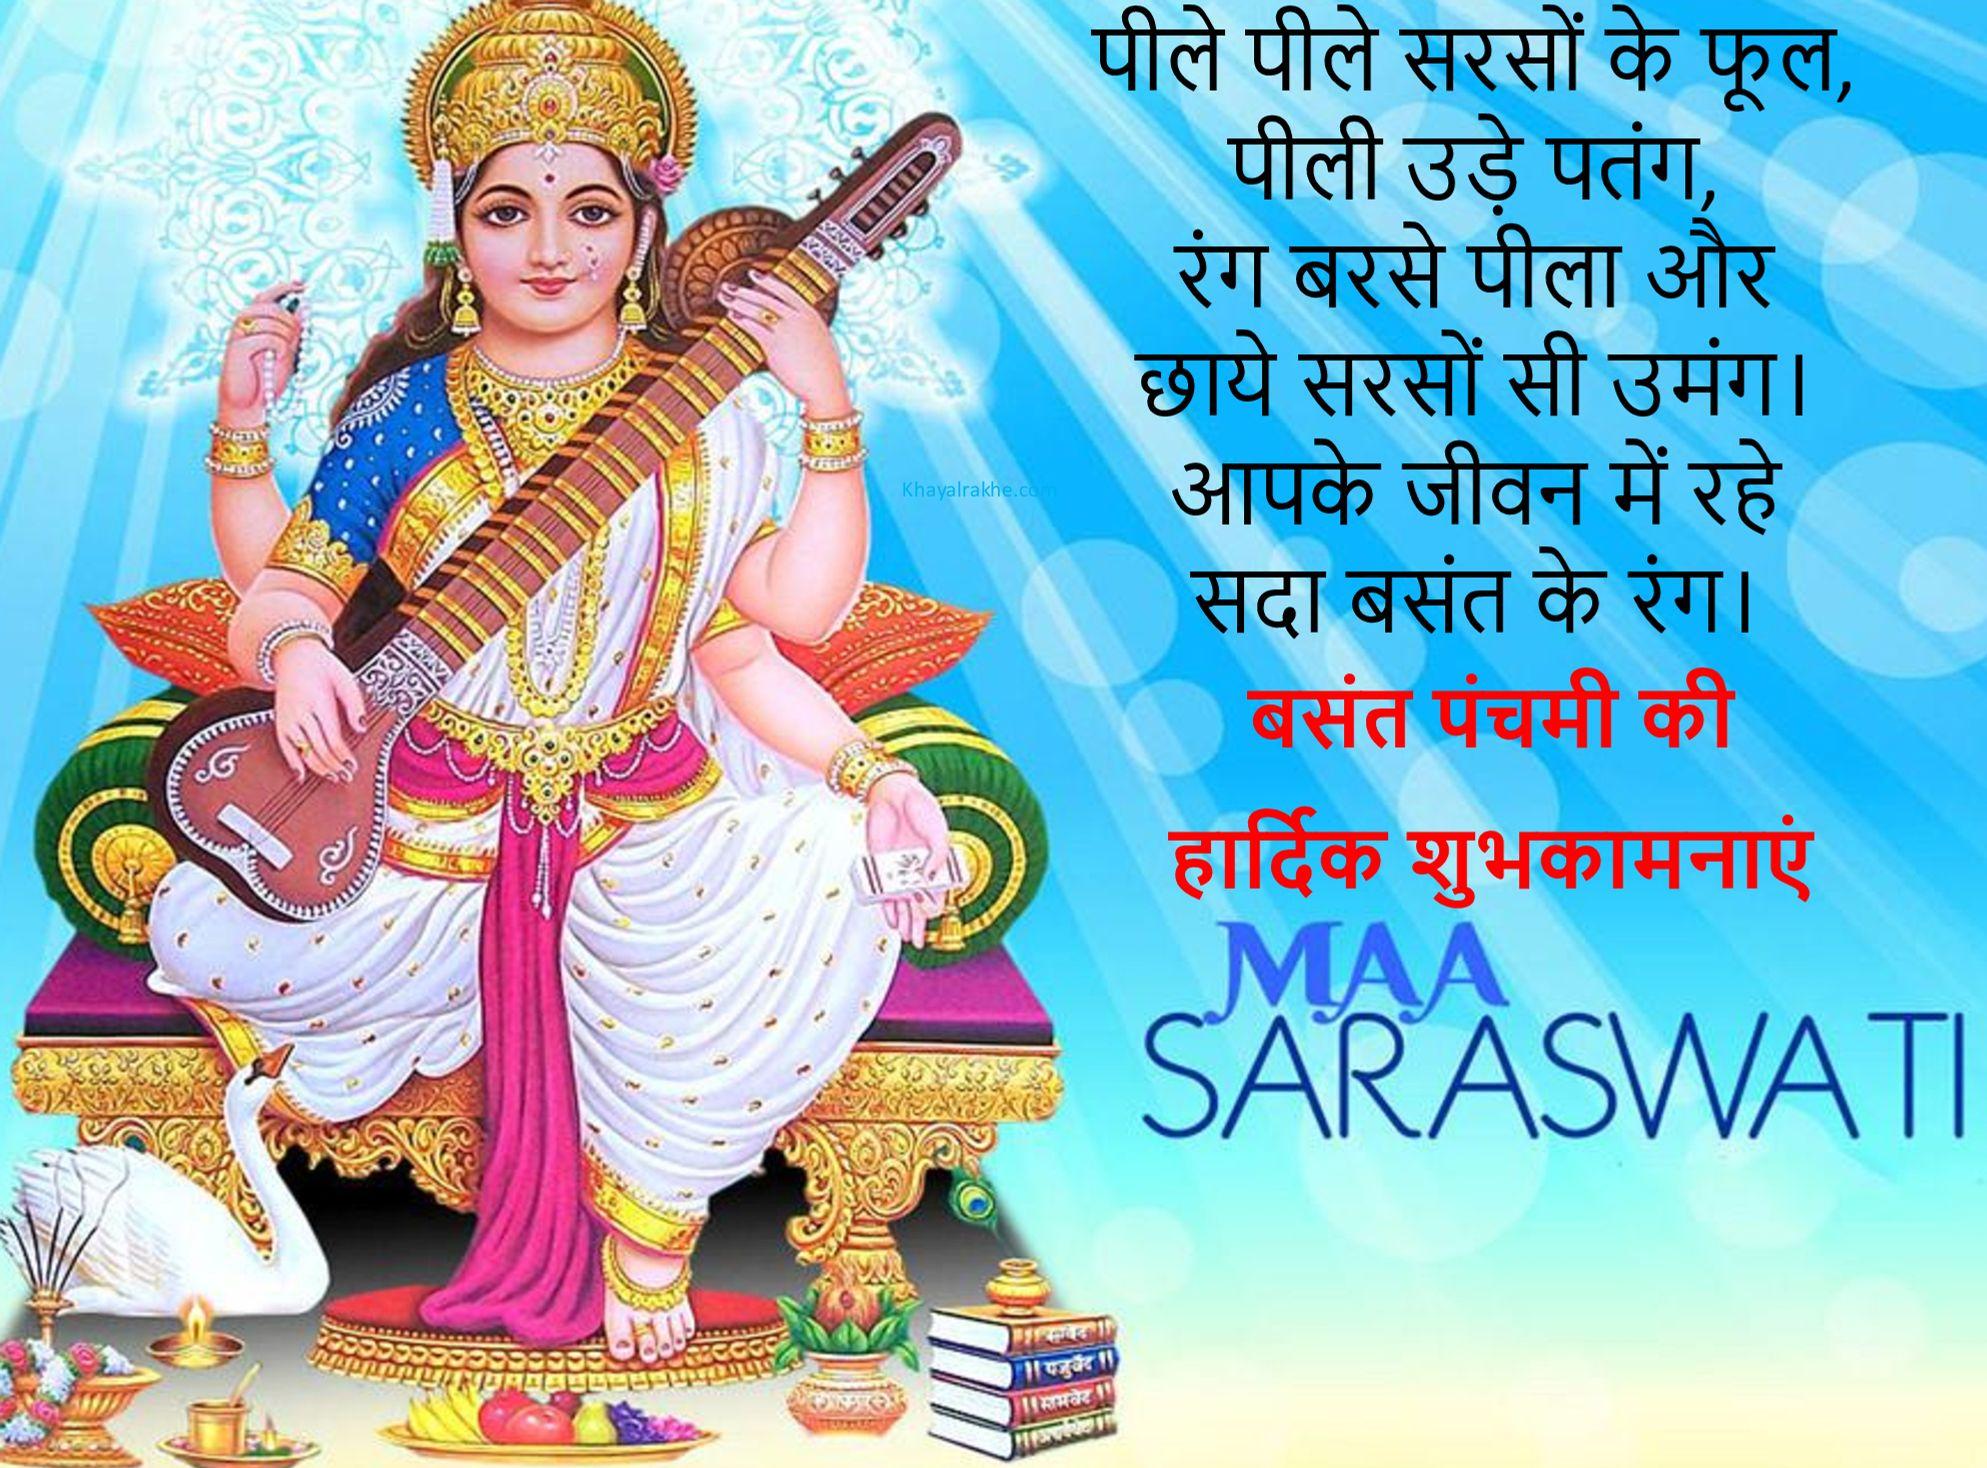 Basant Panchami Wishes In Hindi